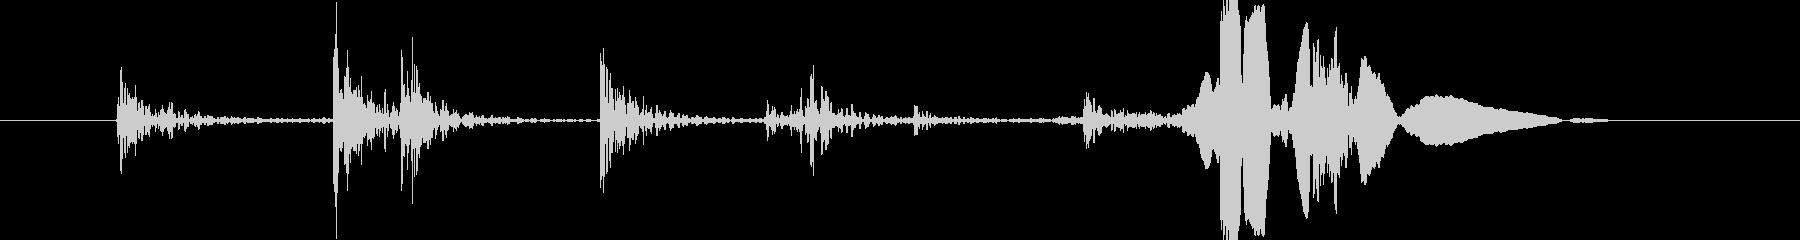 ドタン(木箱の蓋を閉じる)Cの未再生の波形